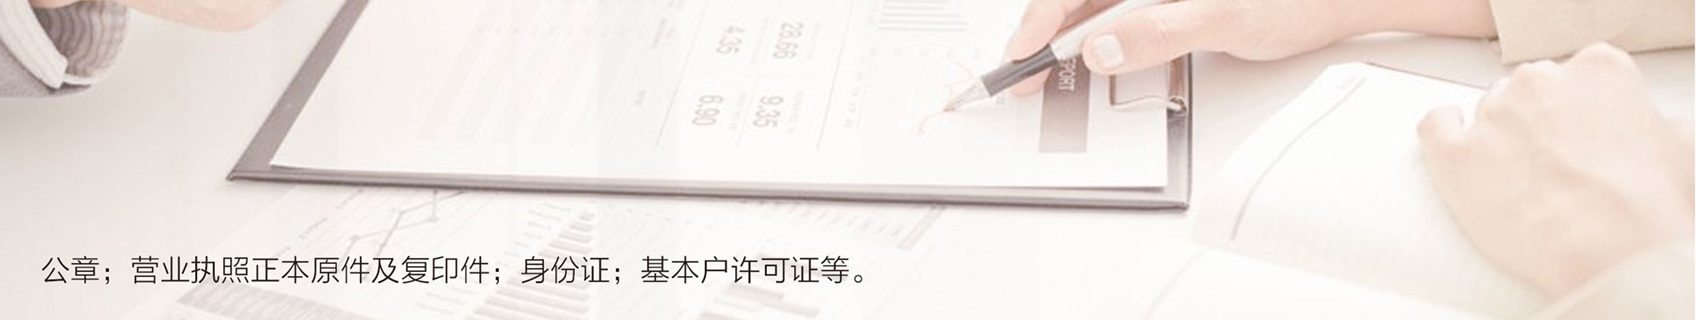 企业公积金社保代理_10.jpg